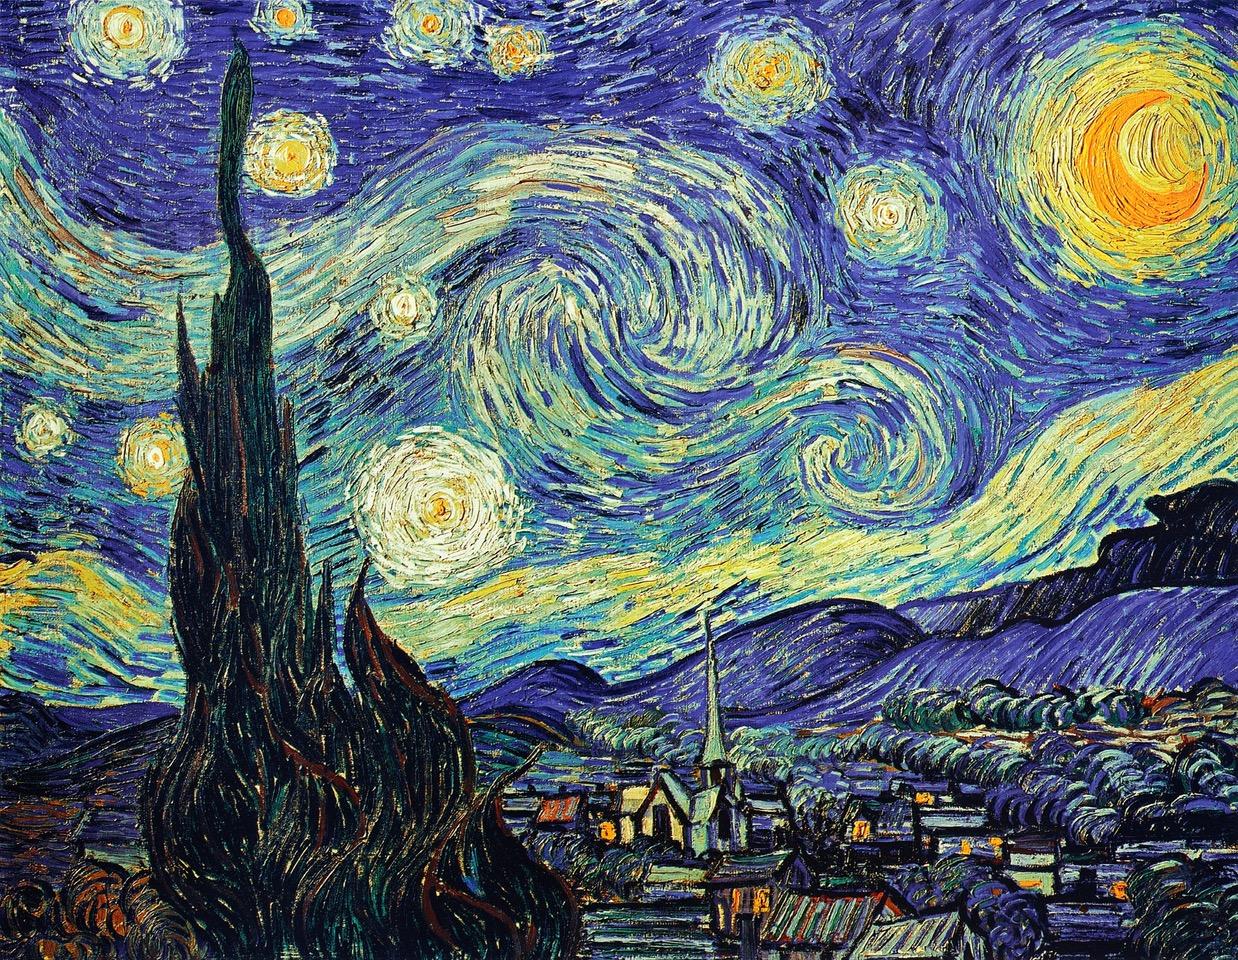 La Genialidad De Los Artistas Y Sus Problemas De Visión